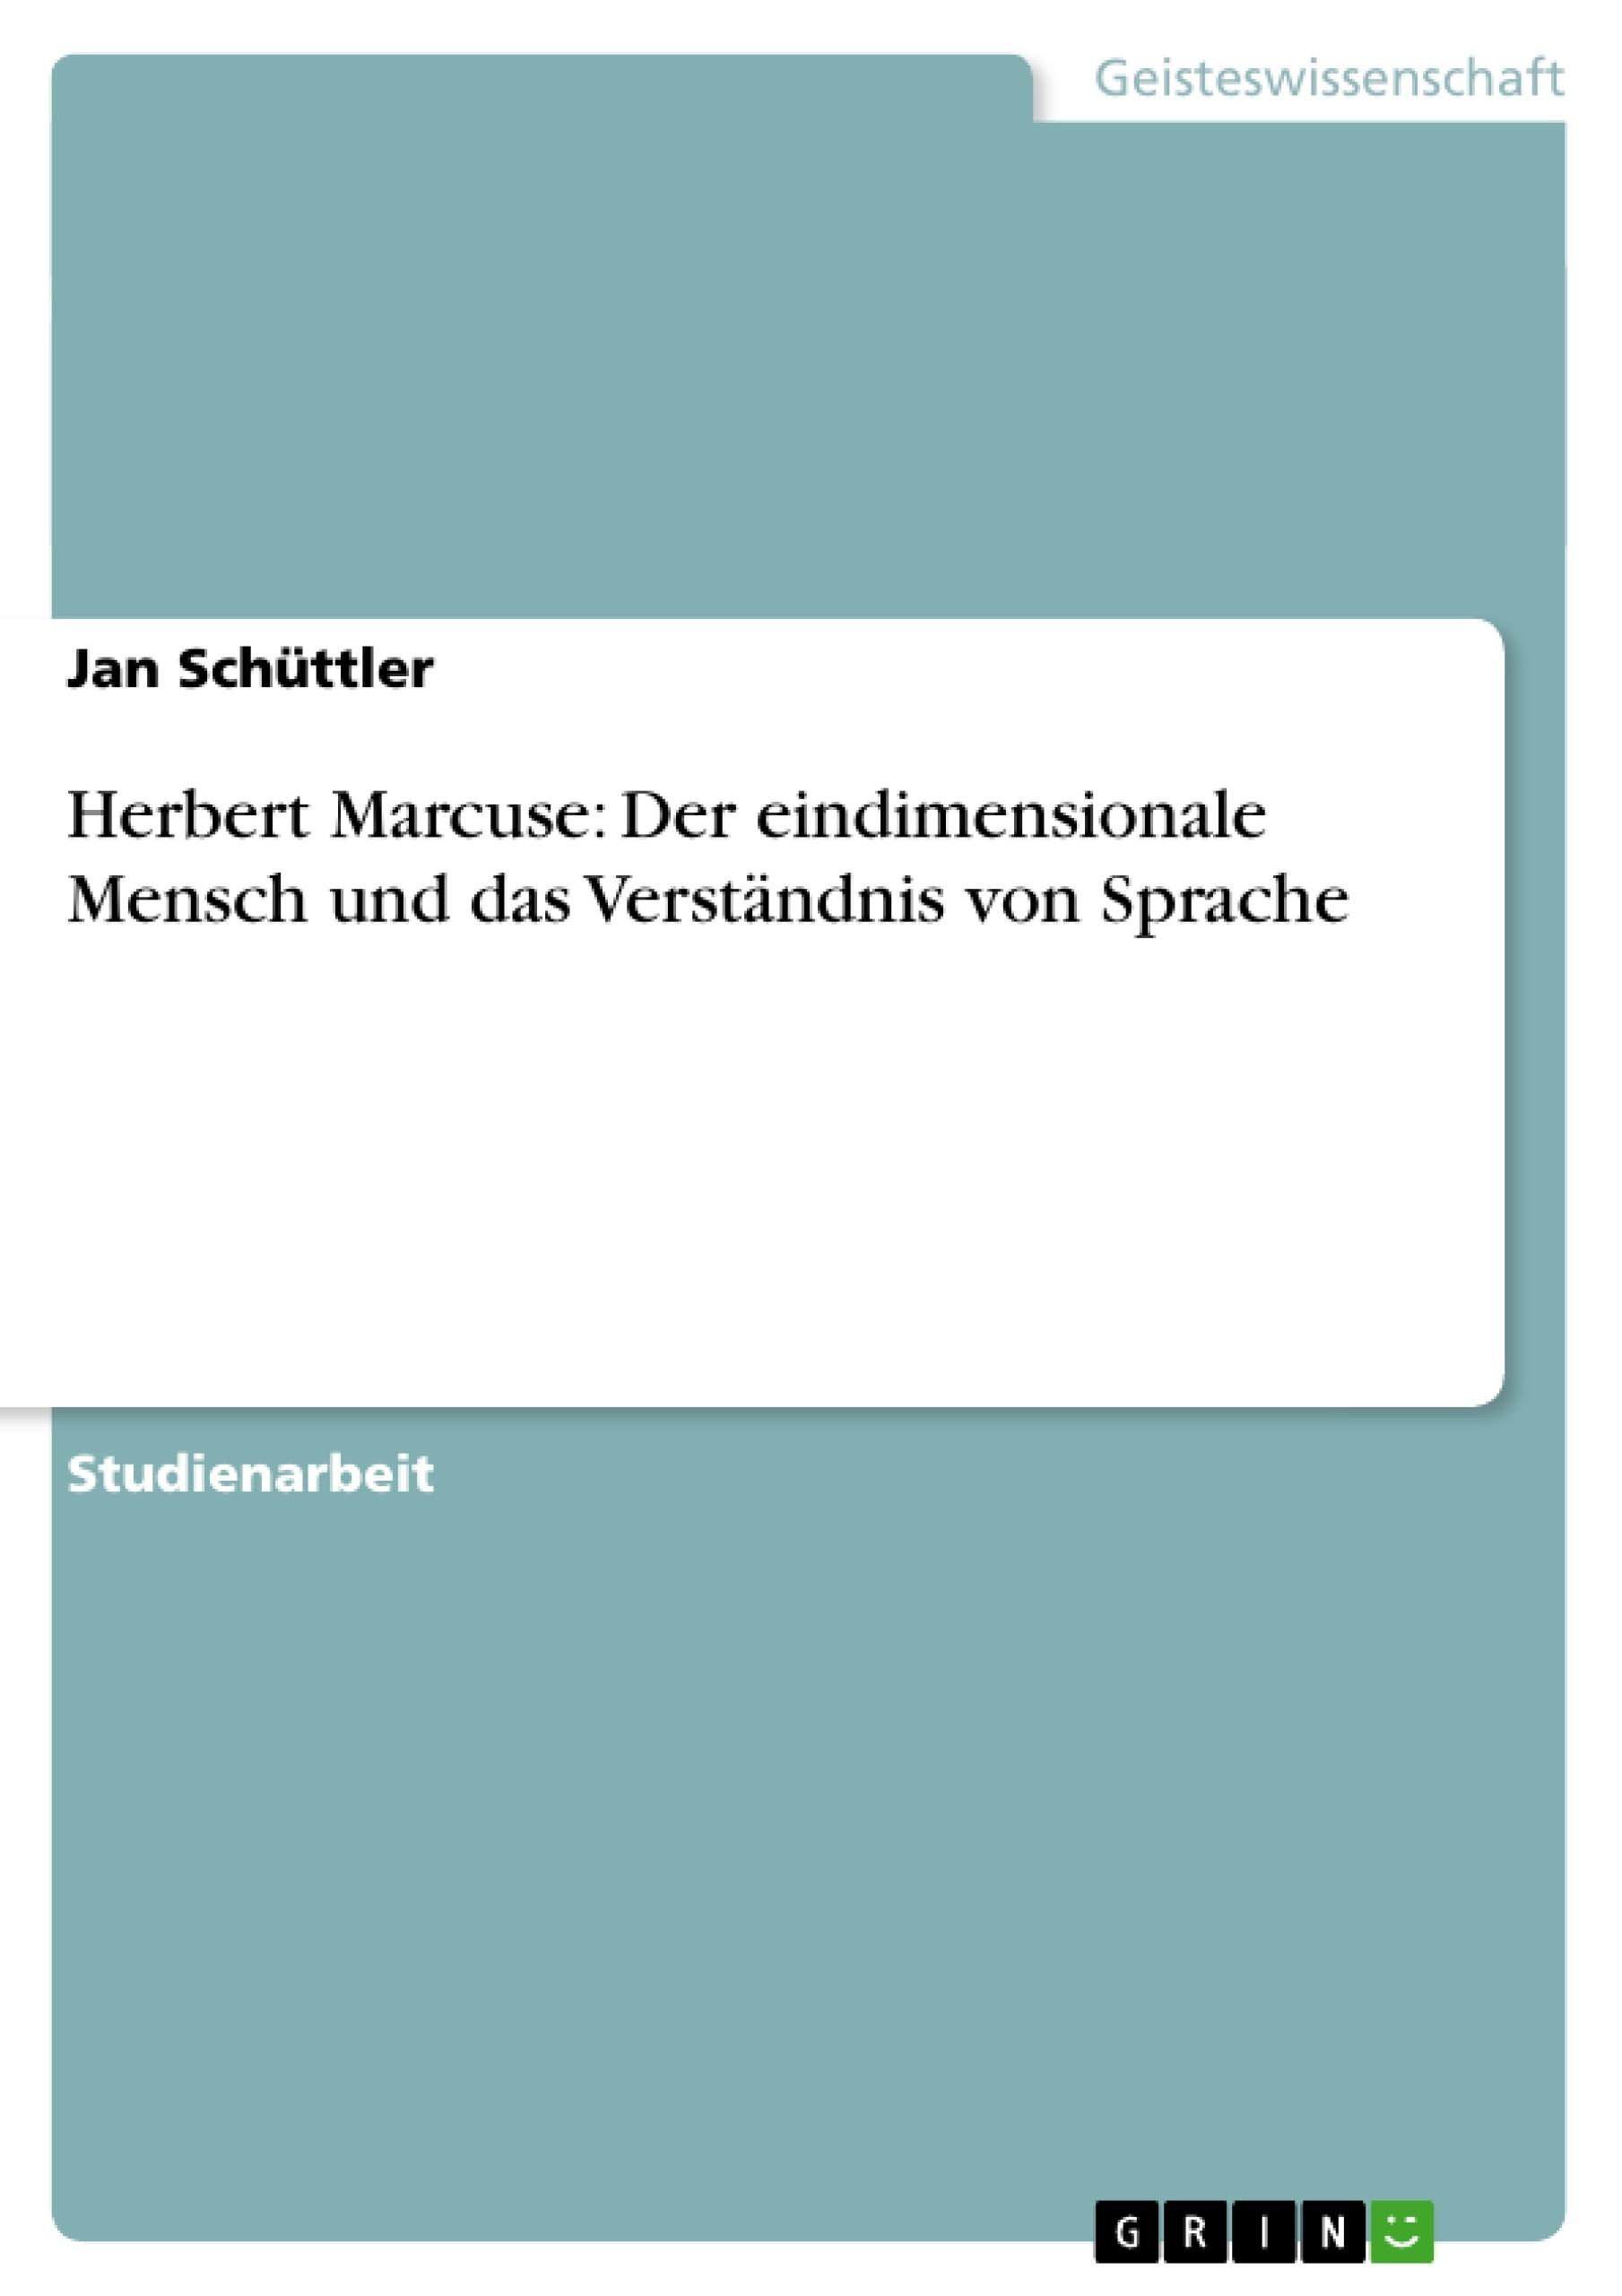 Titel: Herbert Marcuse: Der eindimensionale Mensch und das Verständnis von Sprache